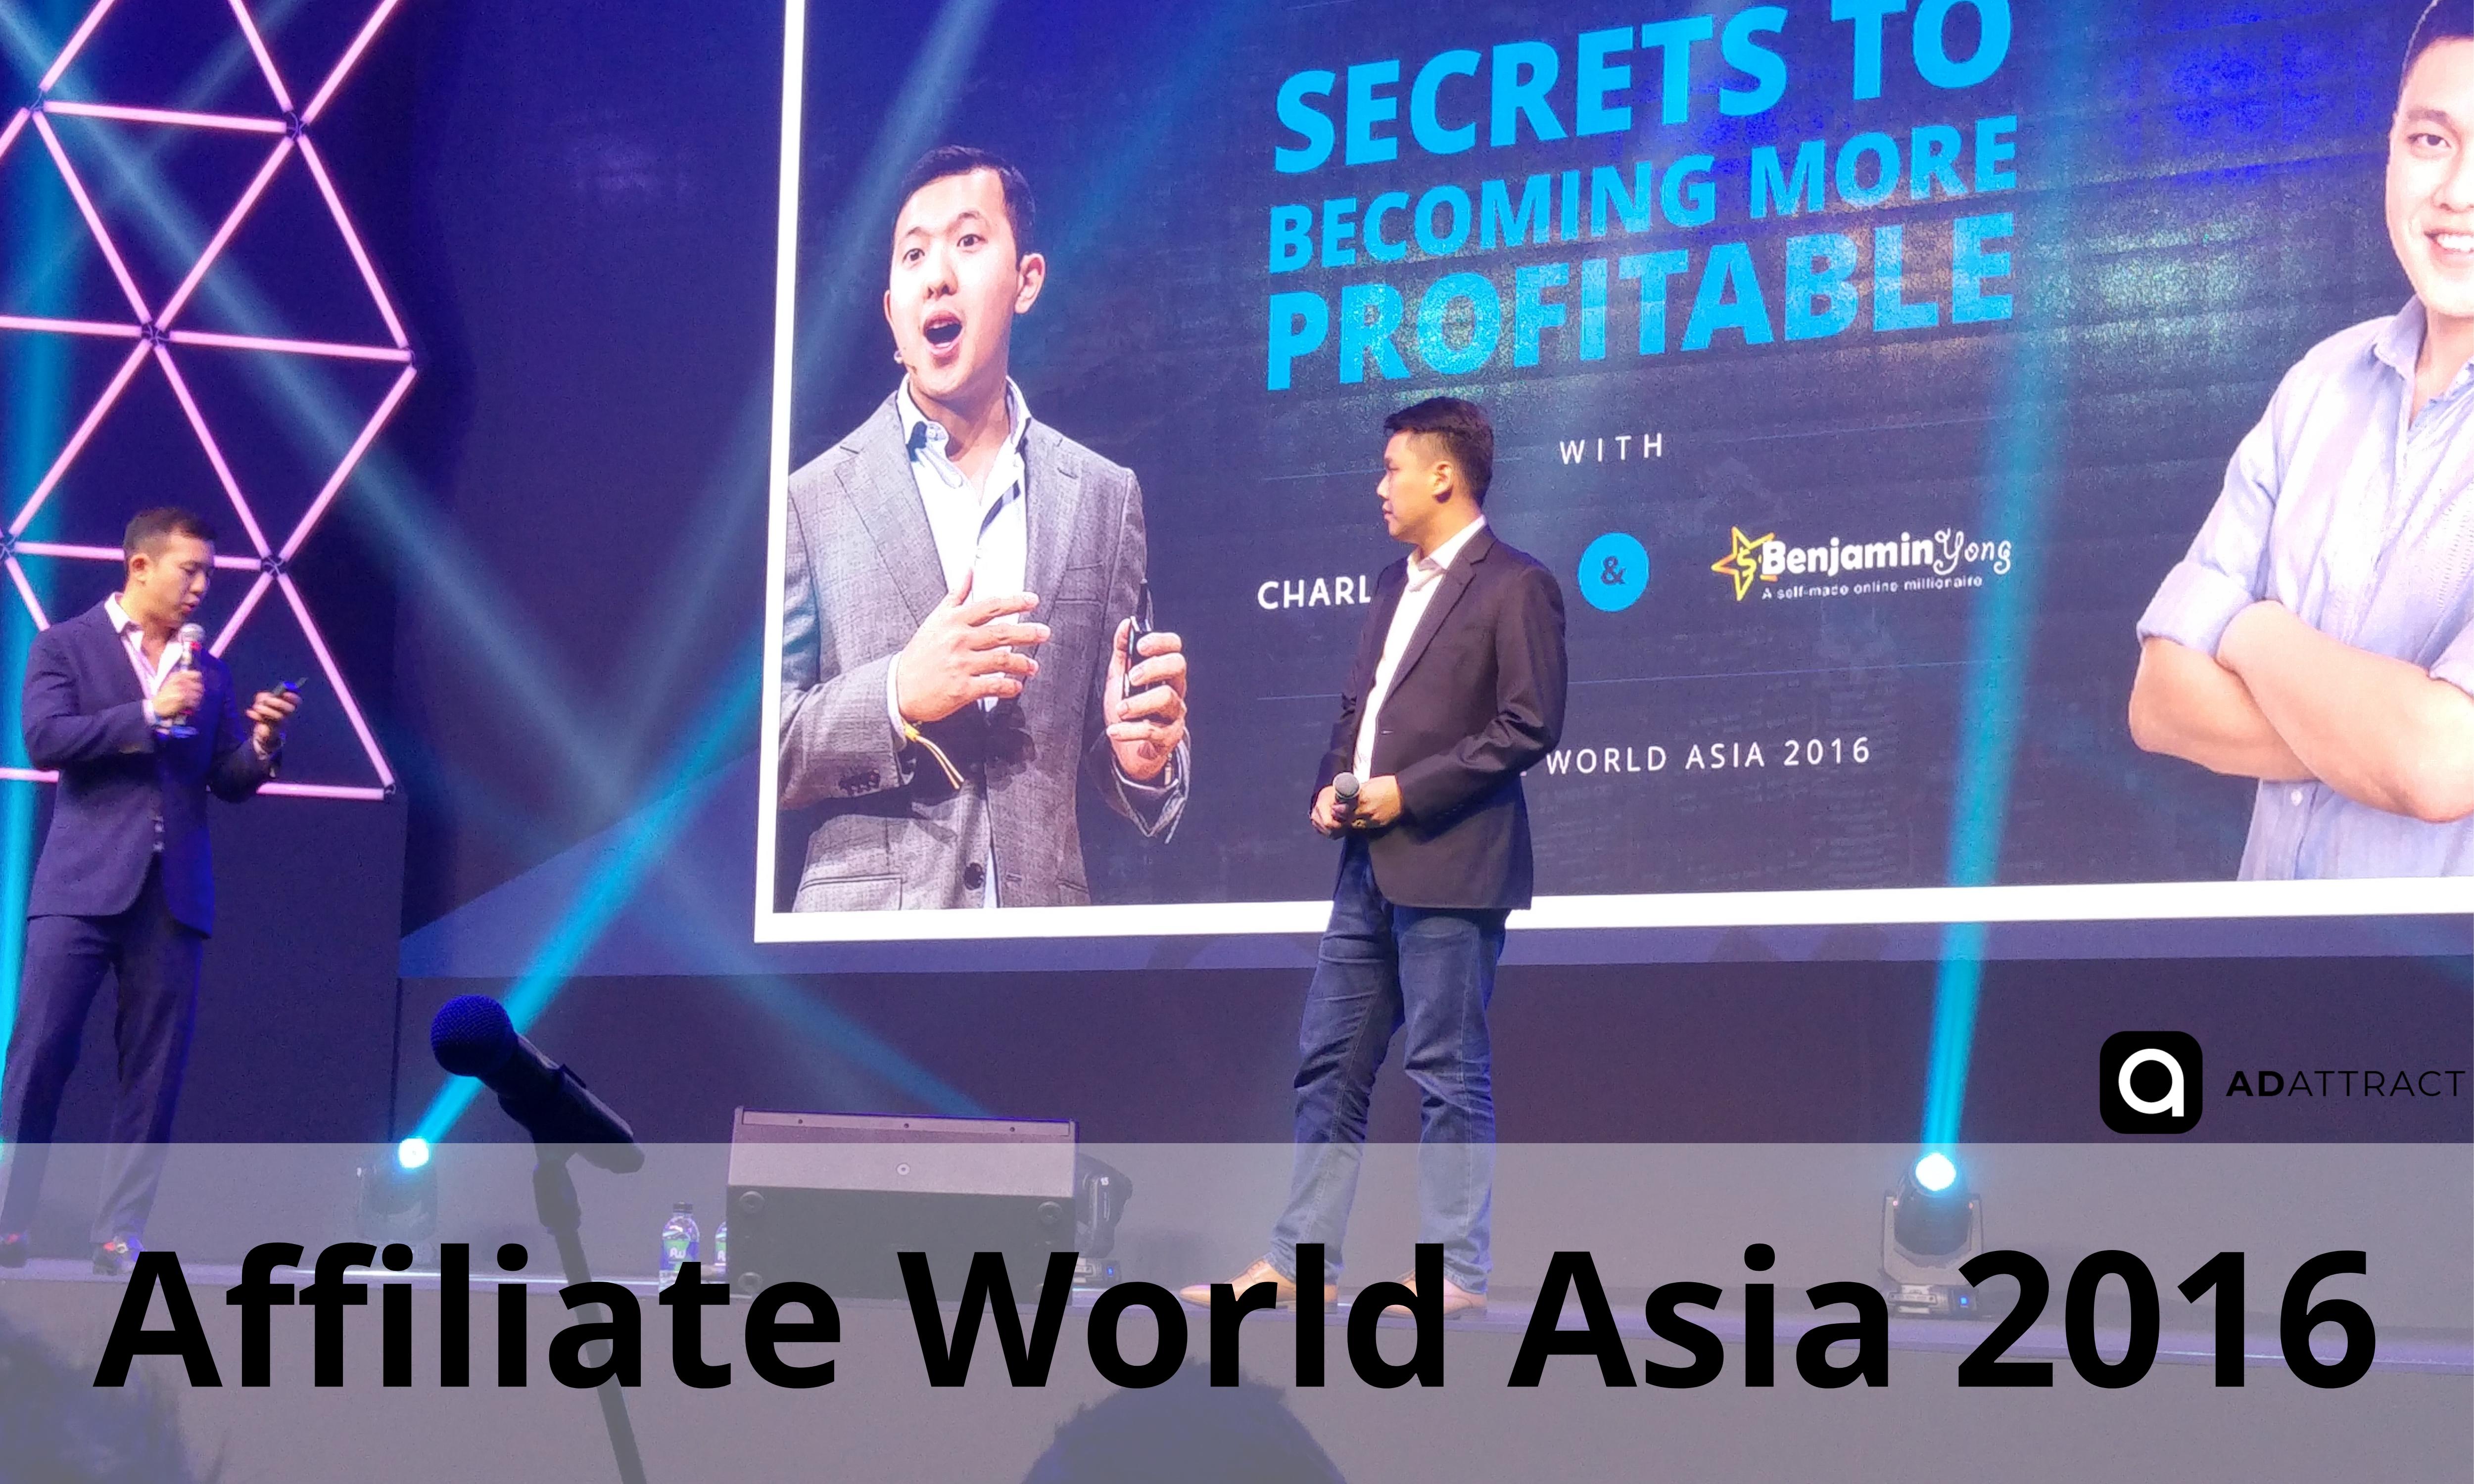 Affiliate World Asia 2016